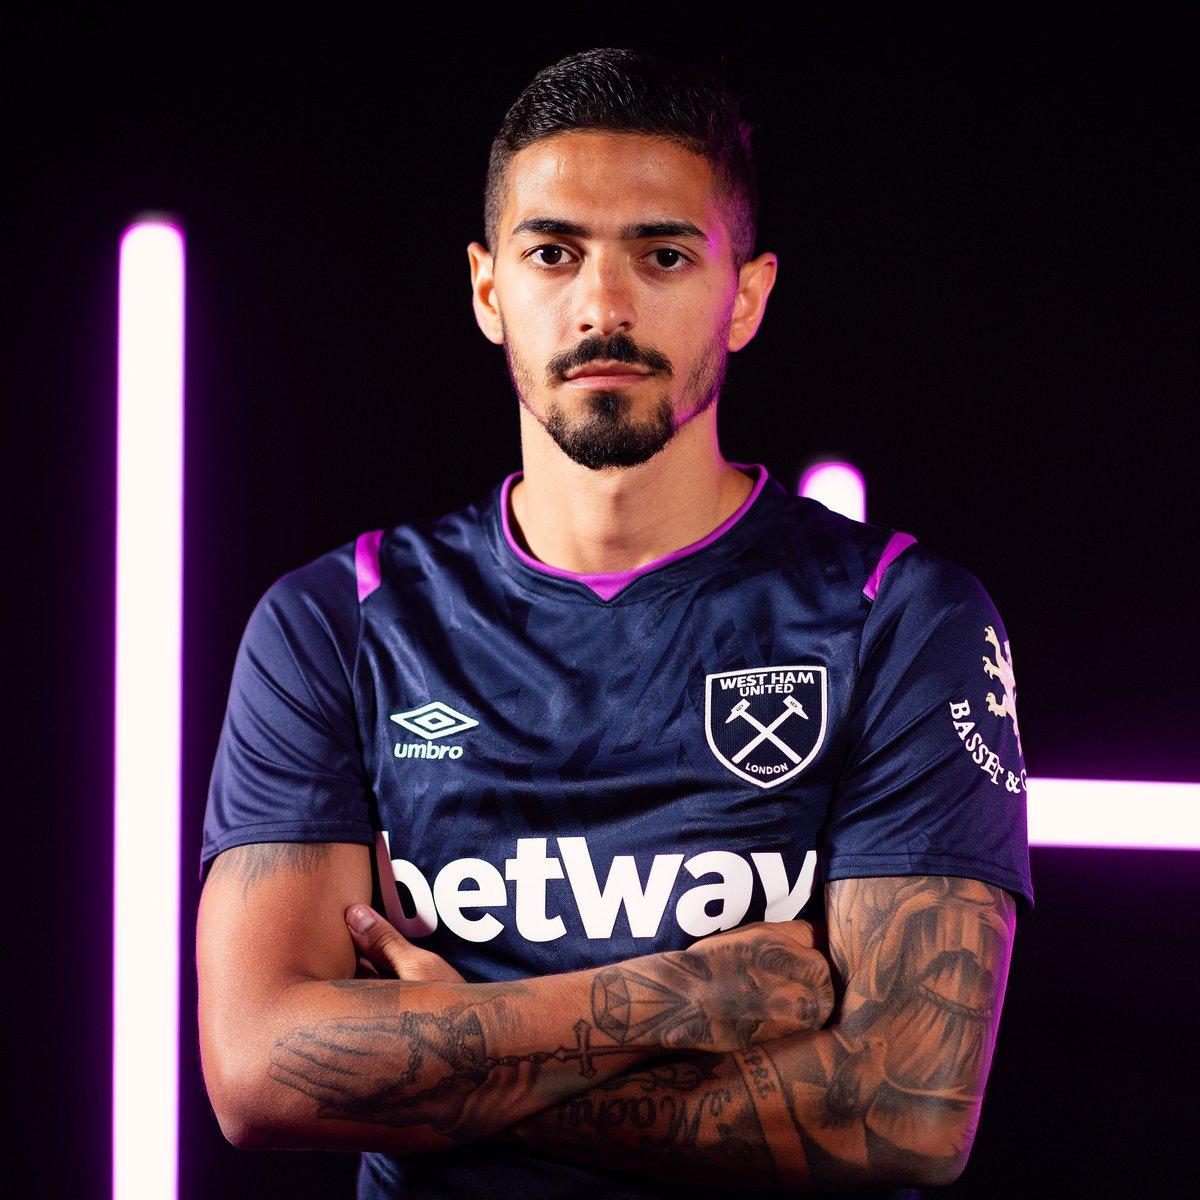 West Ham United 2019-20 Umbro Third Kit | 19/20 Kits ...